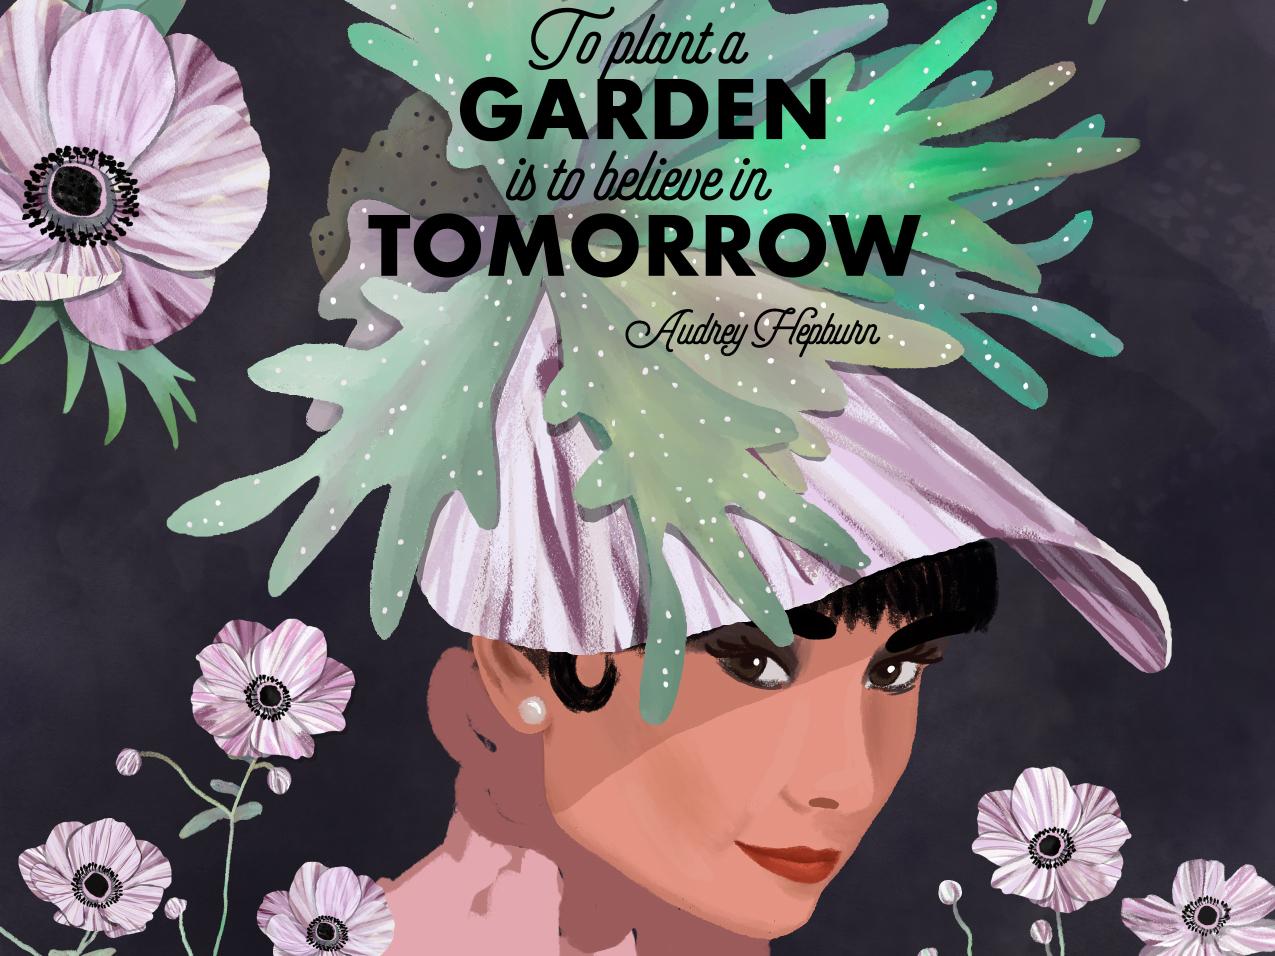 MARIEKE_DE_BEURS_GTS18A1_to_plant_a_garden_is_to_believe_in_tomorrow_Audrey_Hepburn_thumb.jpg